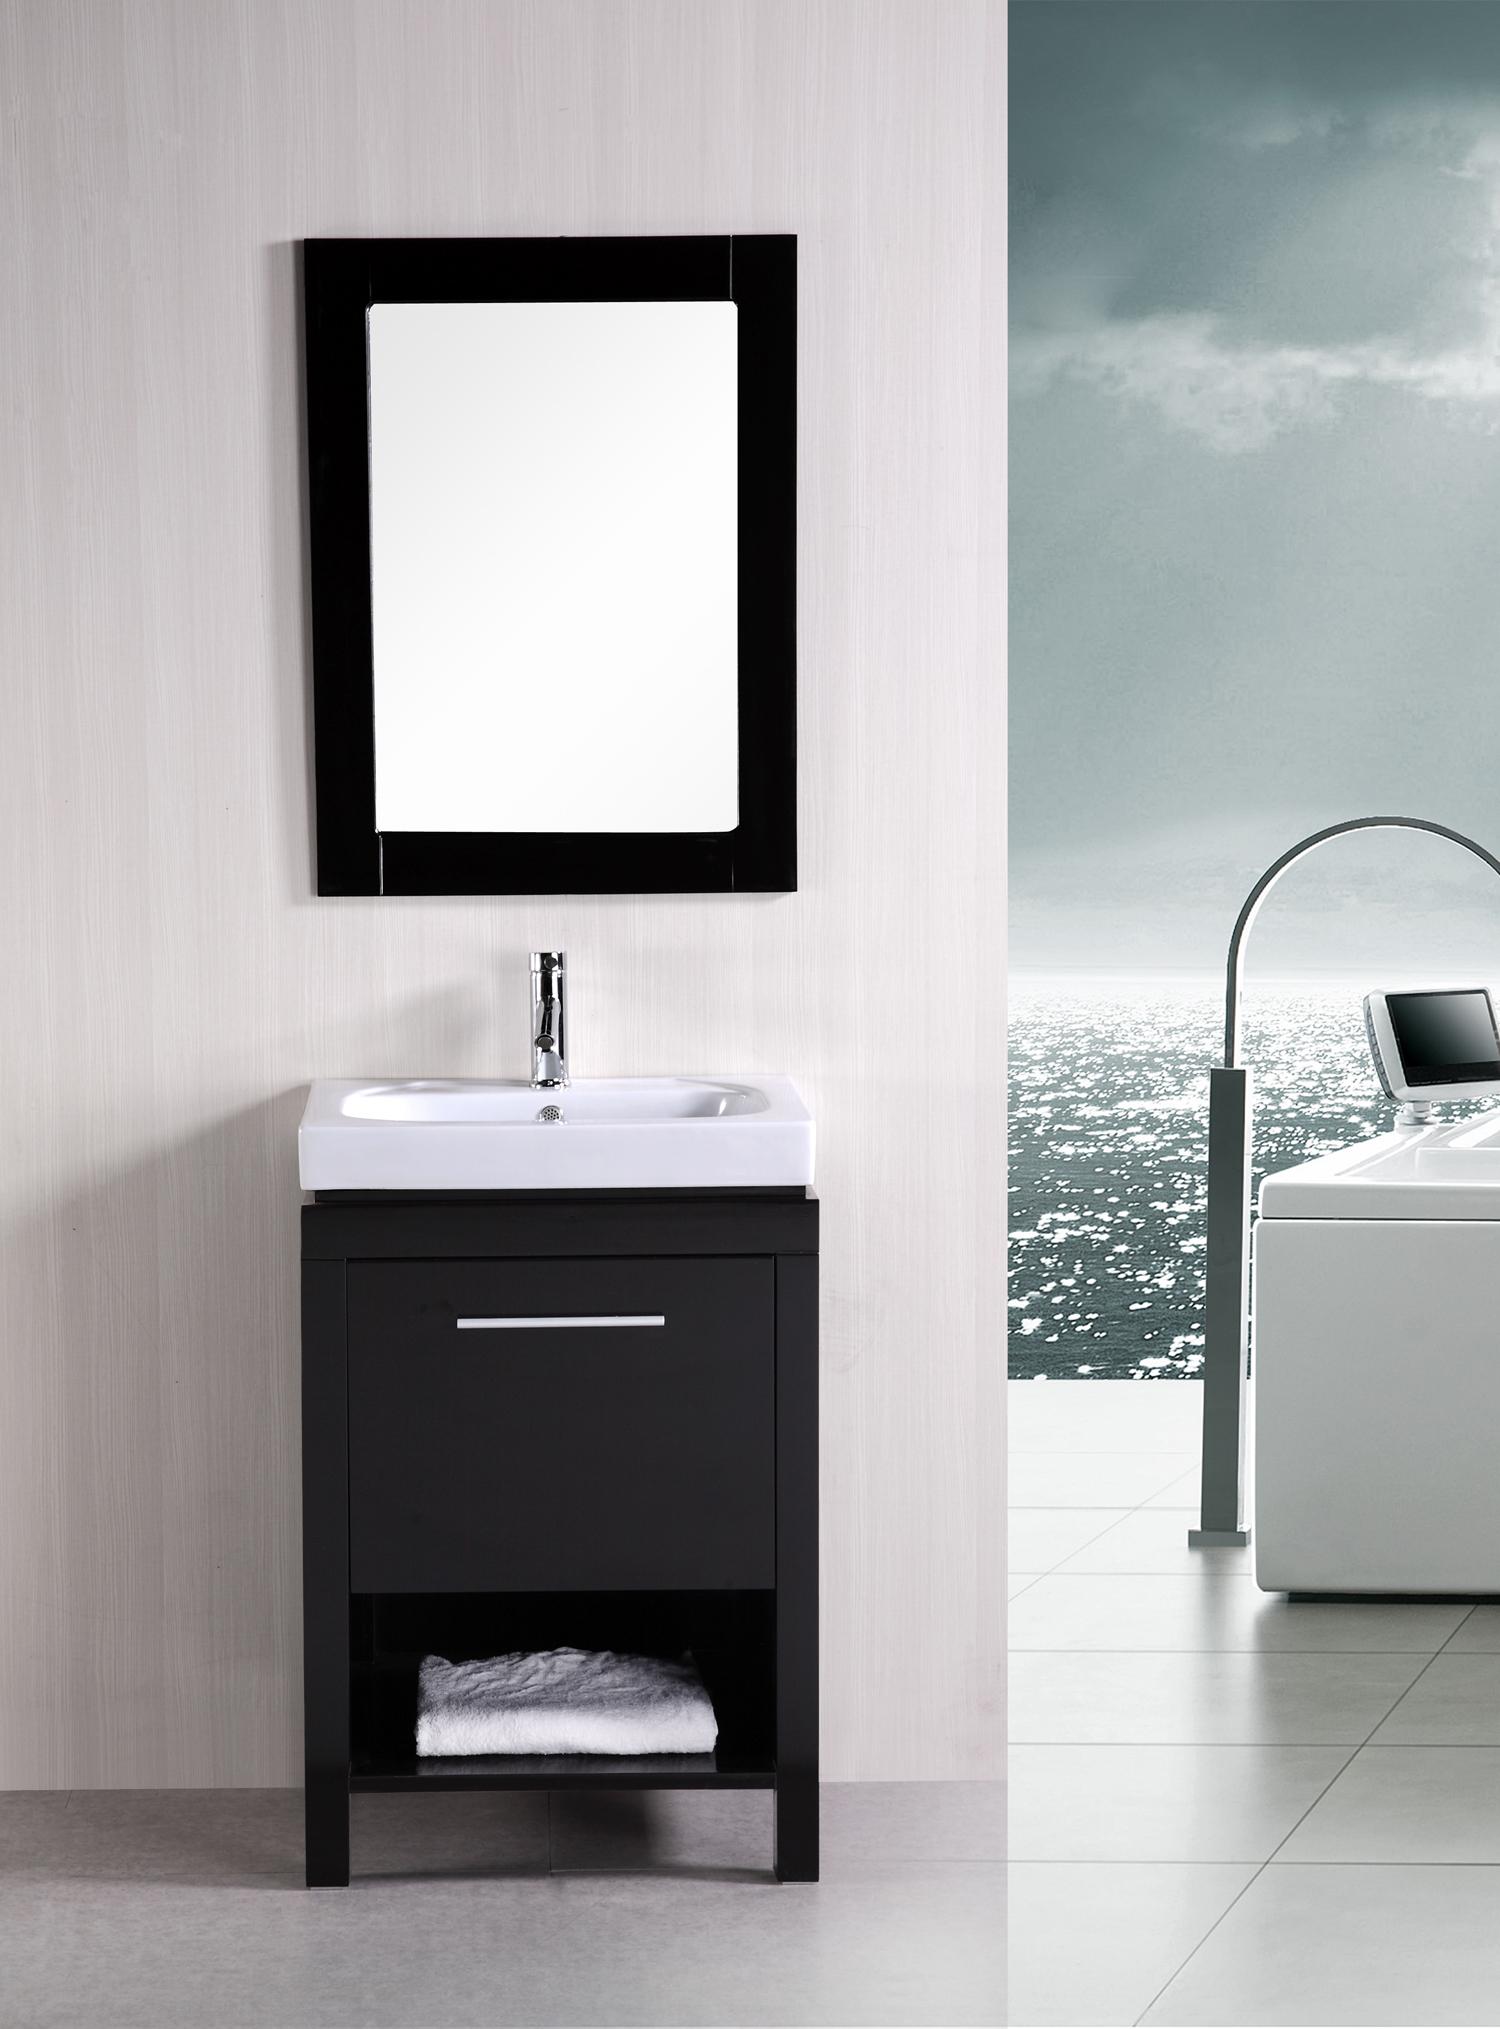 Single Bathroom Vanities 24-inches Wide & Smaller